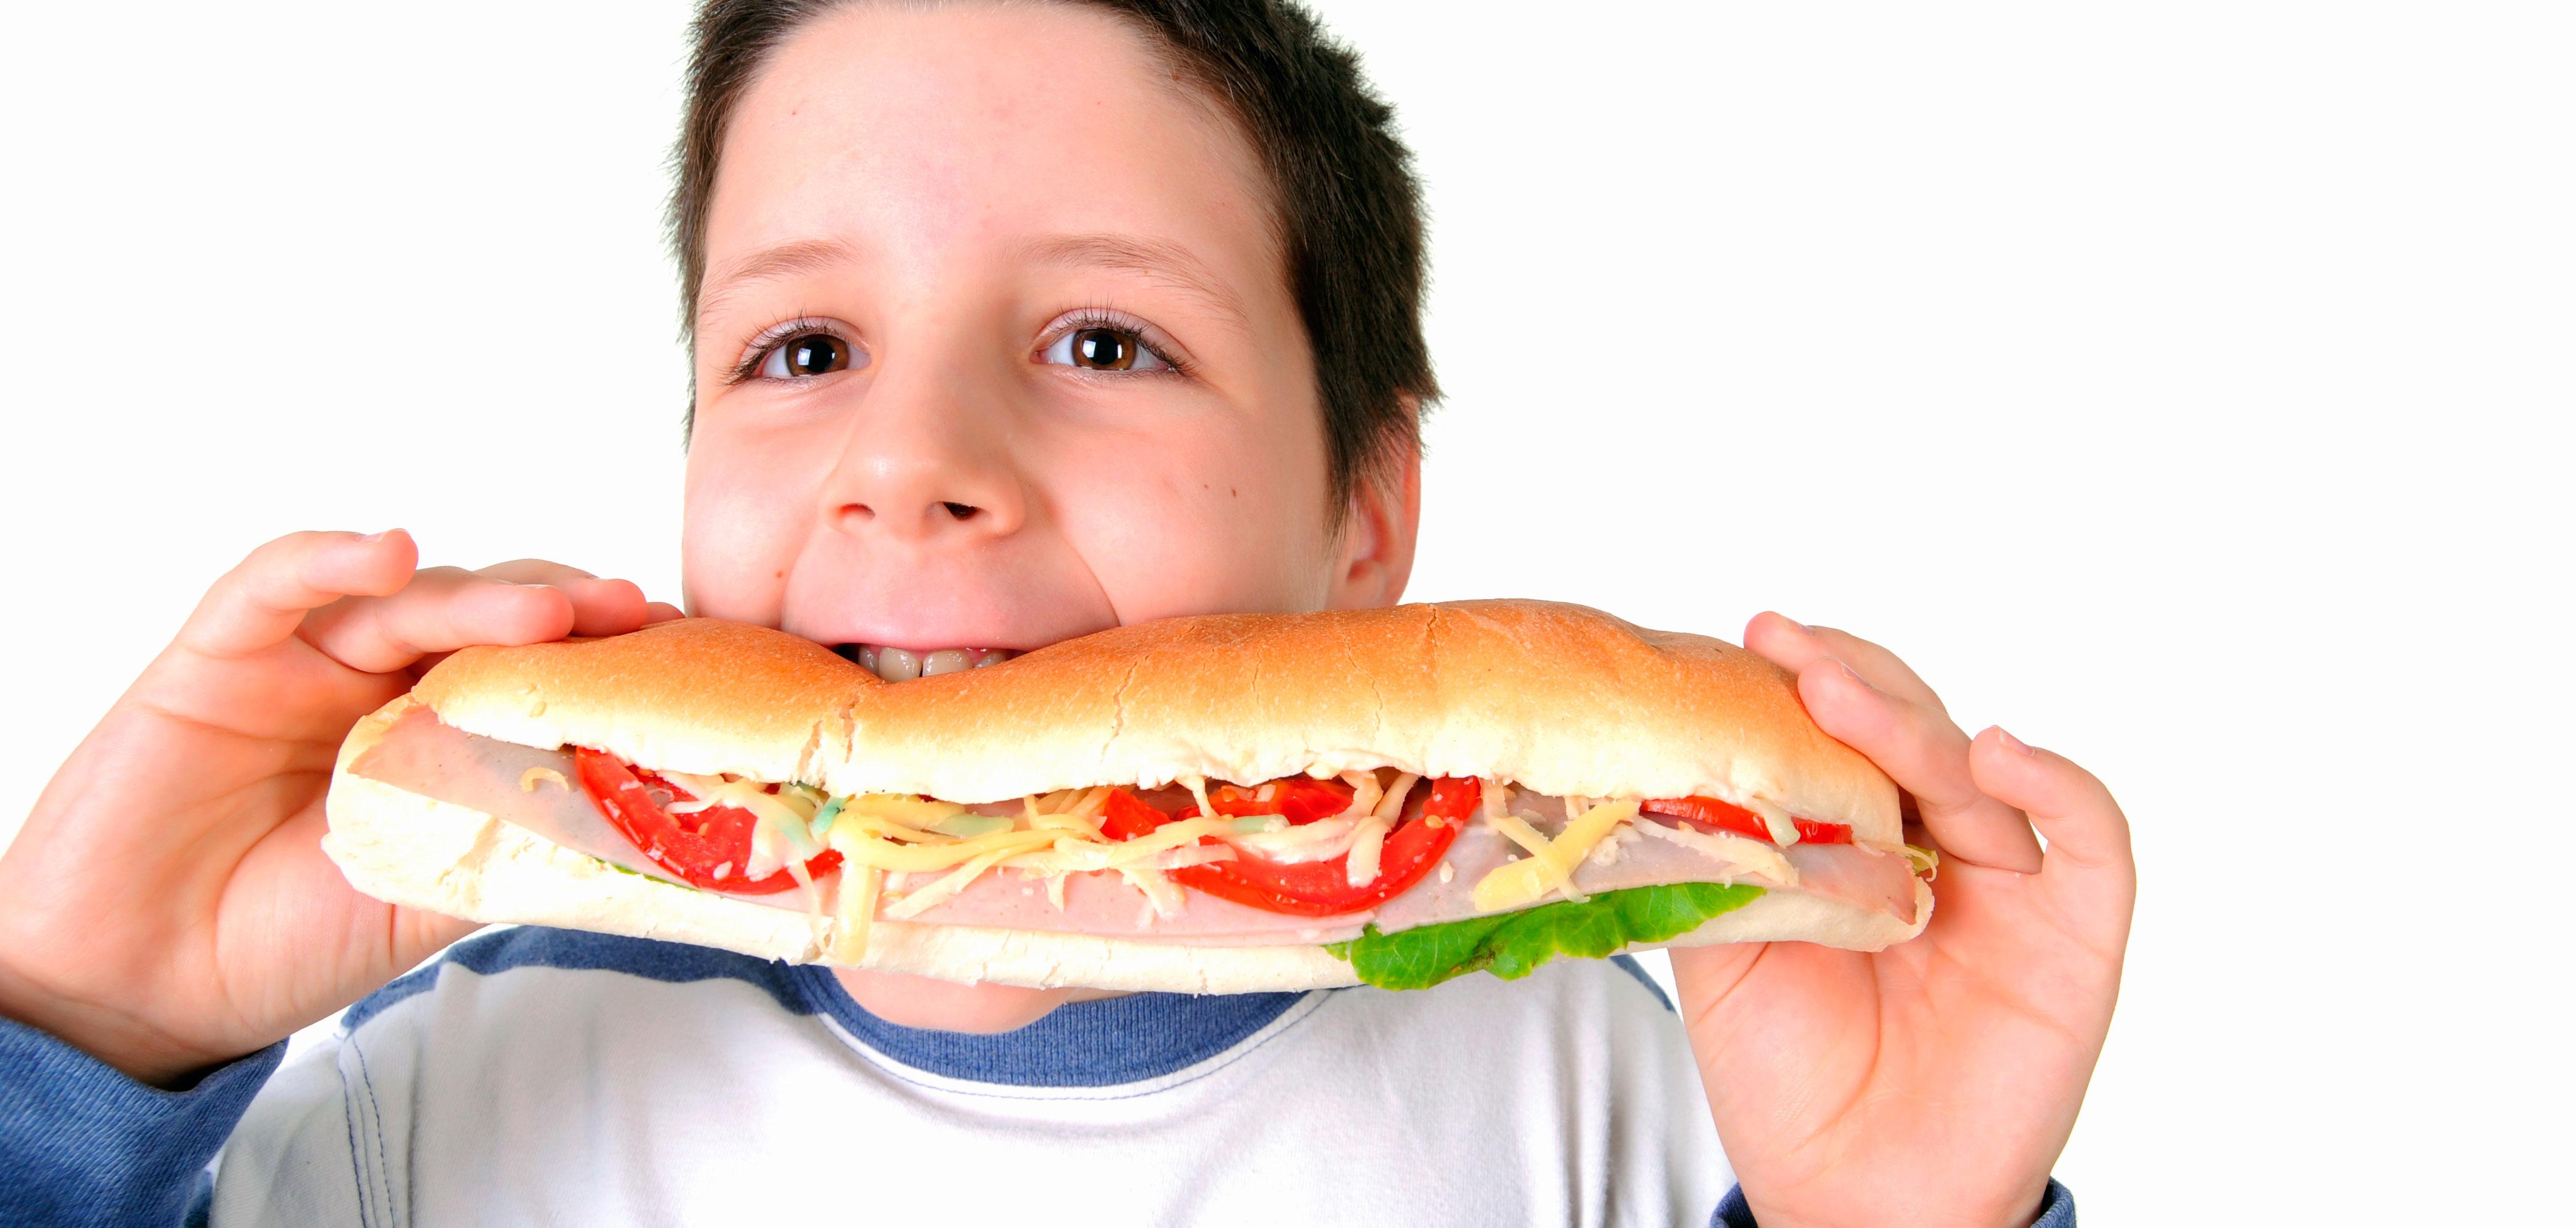 Comer devagar e mastigar bem os alimentos ajuda a emagrecer?